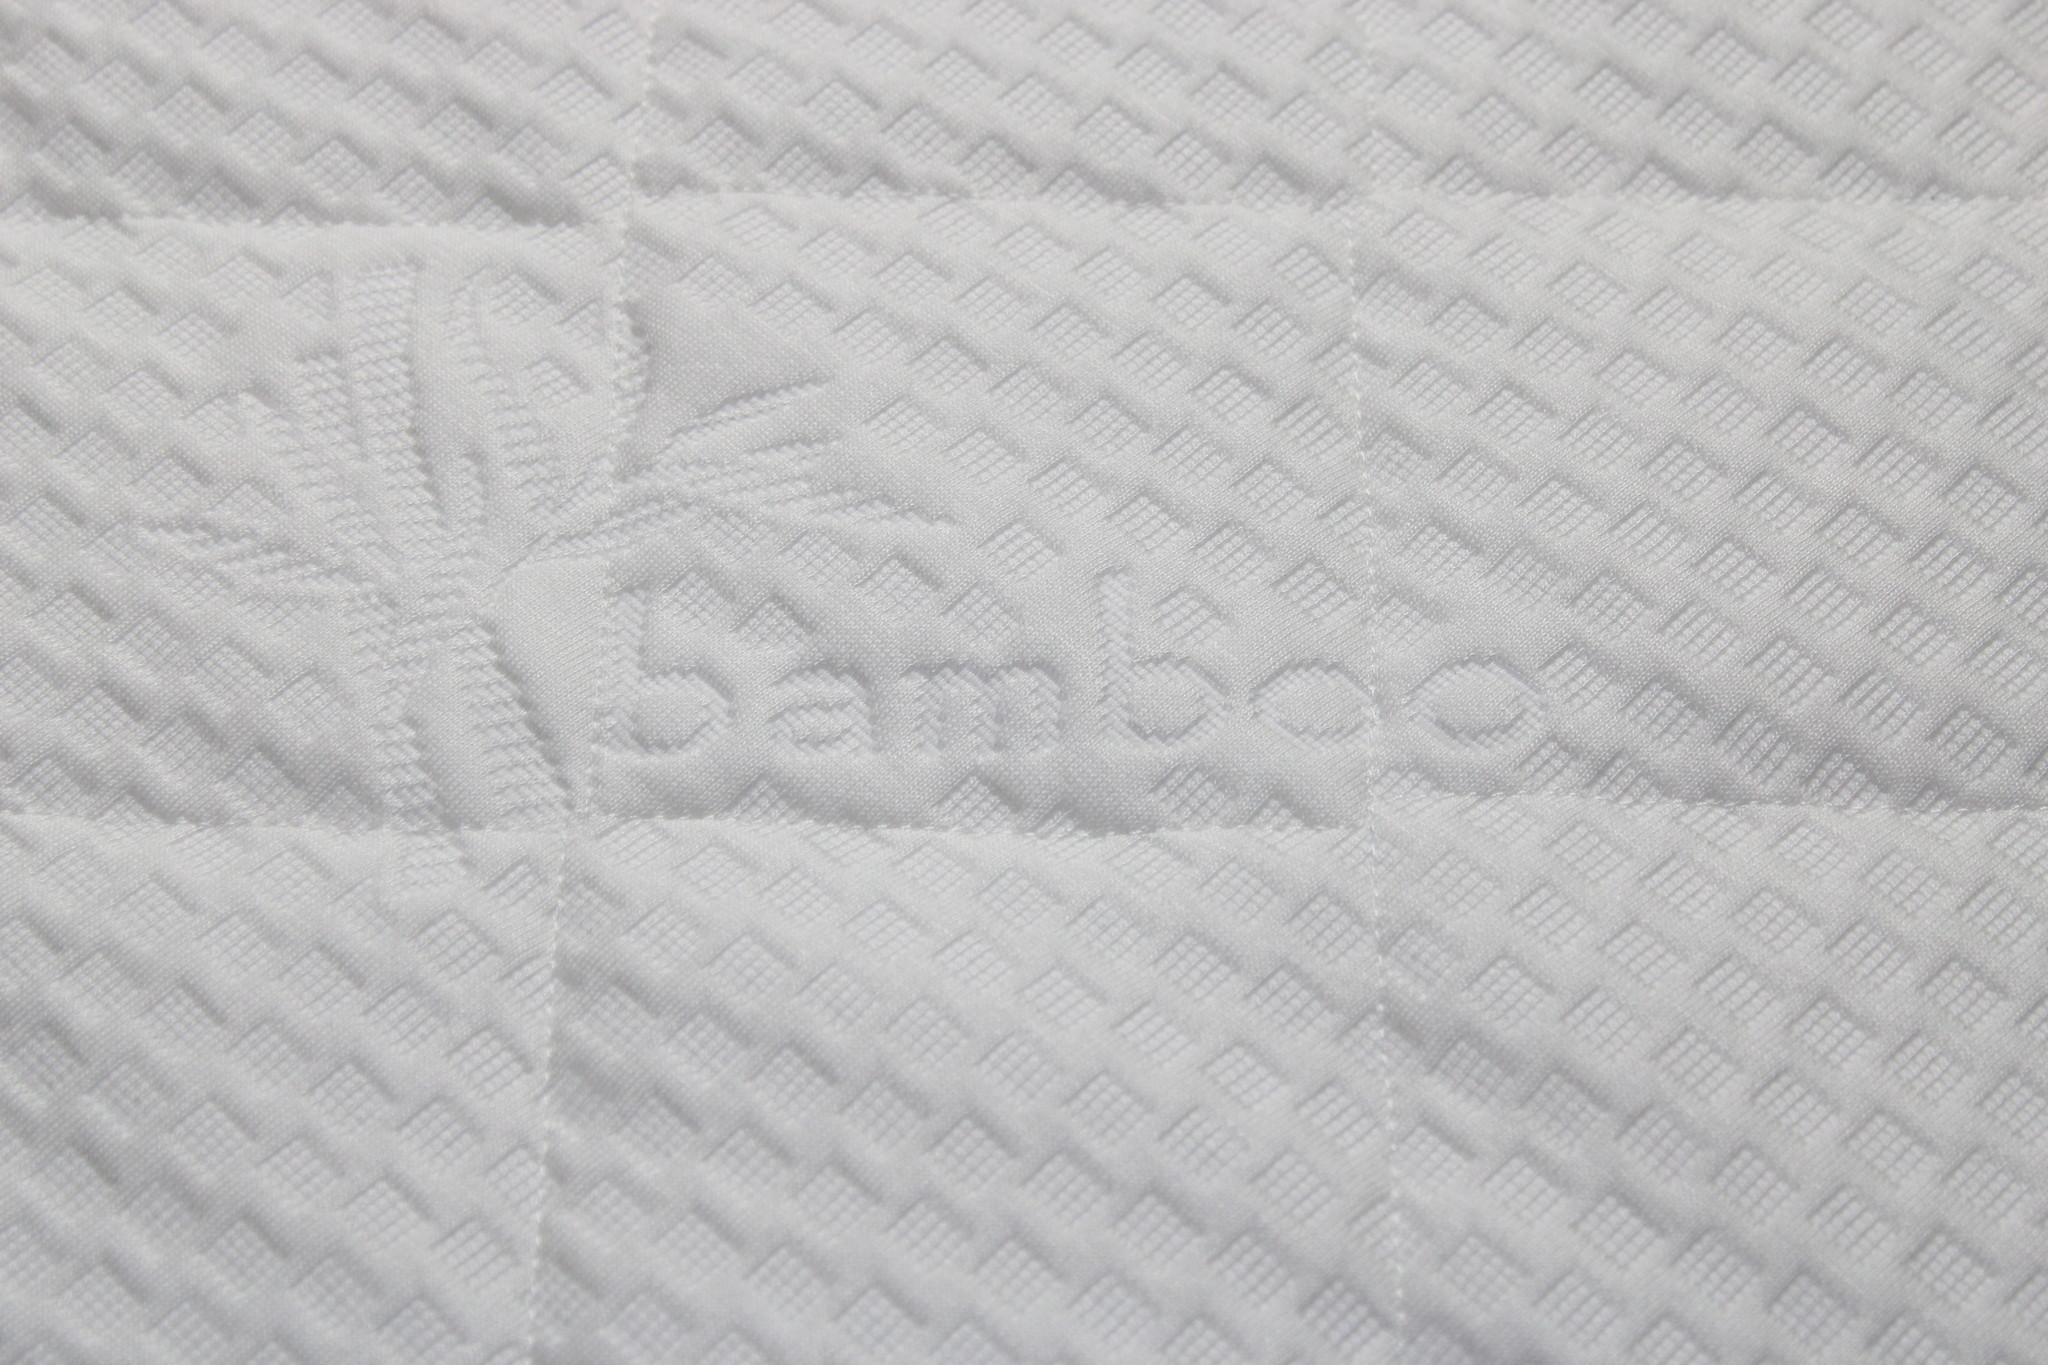 Sarpy Babymatras 40x80 koudschuim hr40 bamboo